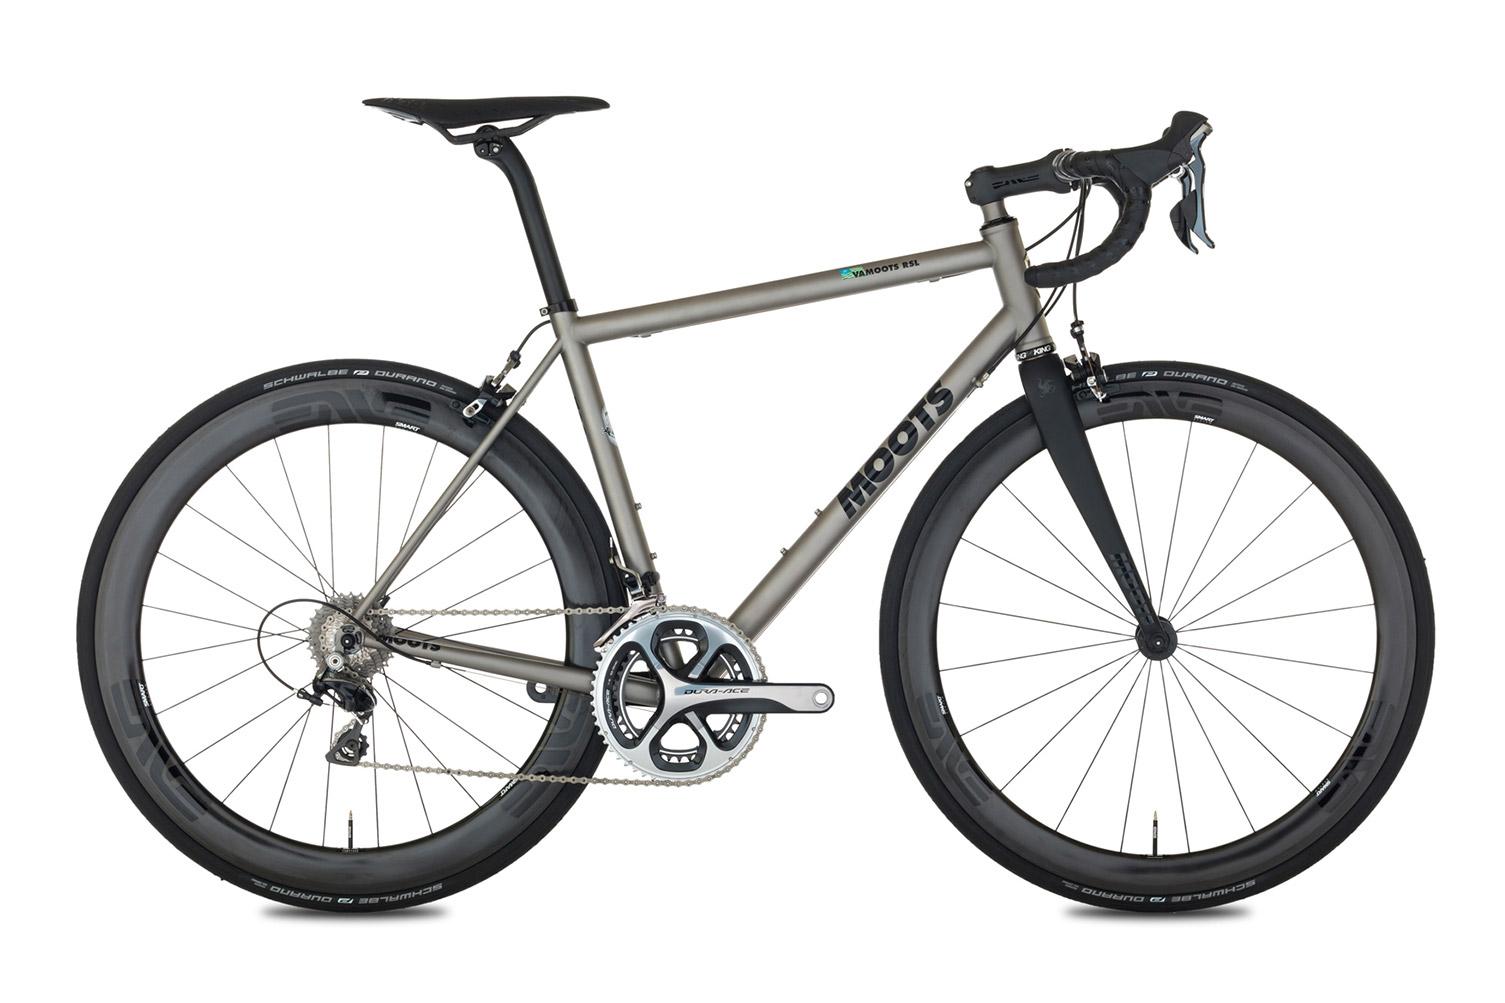 Fahrradrahmen - eine Materialfrage   Die Qual der Materialwahl